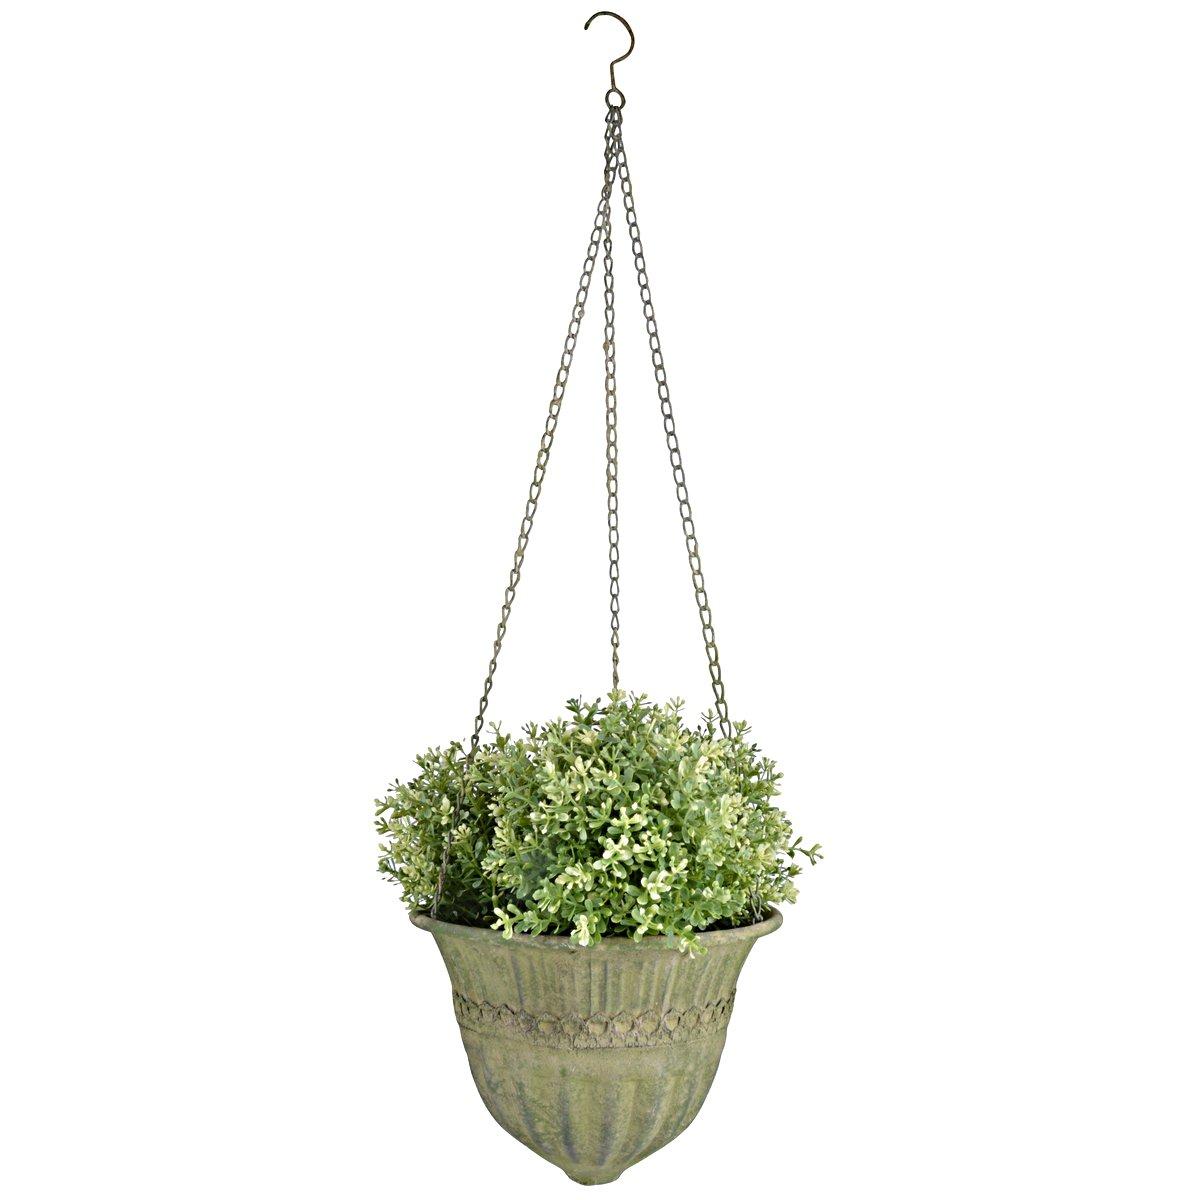 Afbeelding van Esschert Aged Metal Green hanging basket L 30x30x18,7cm